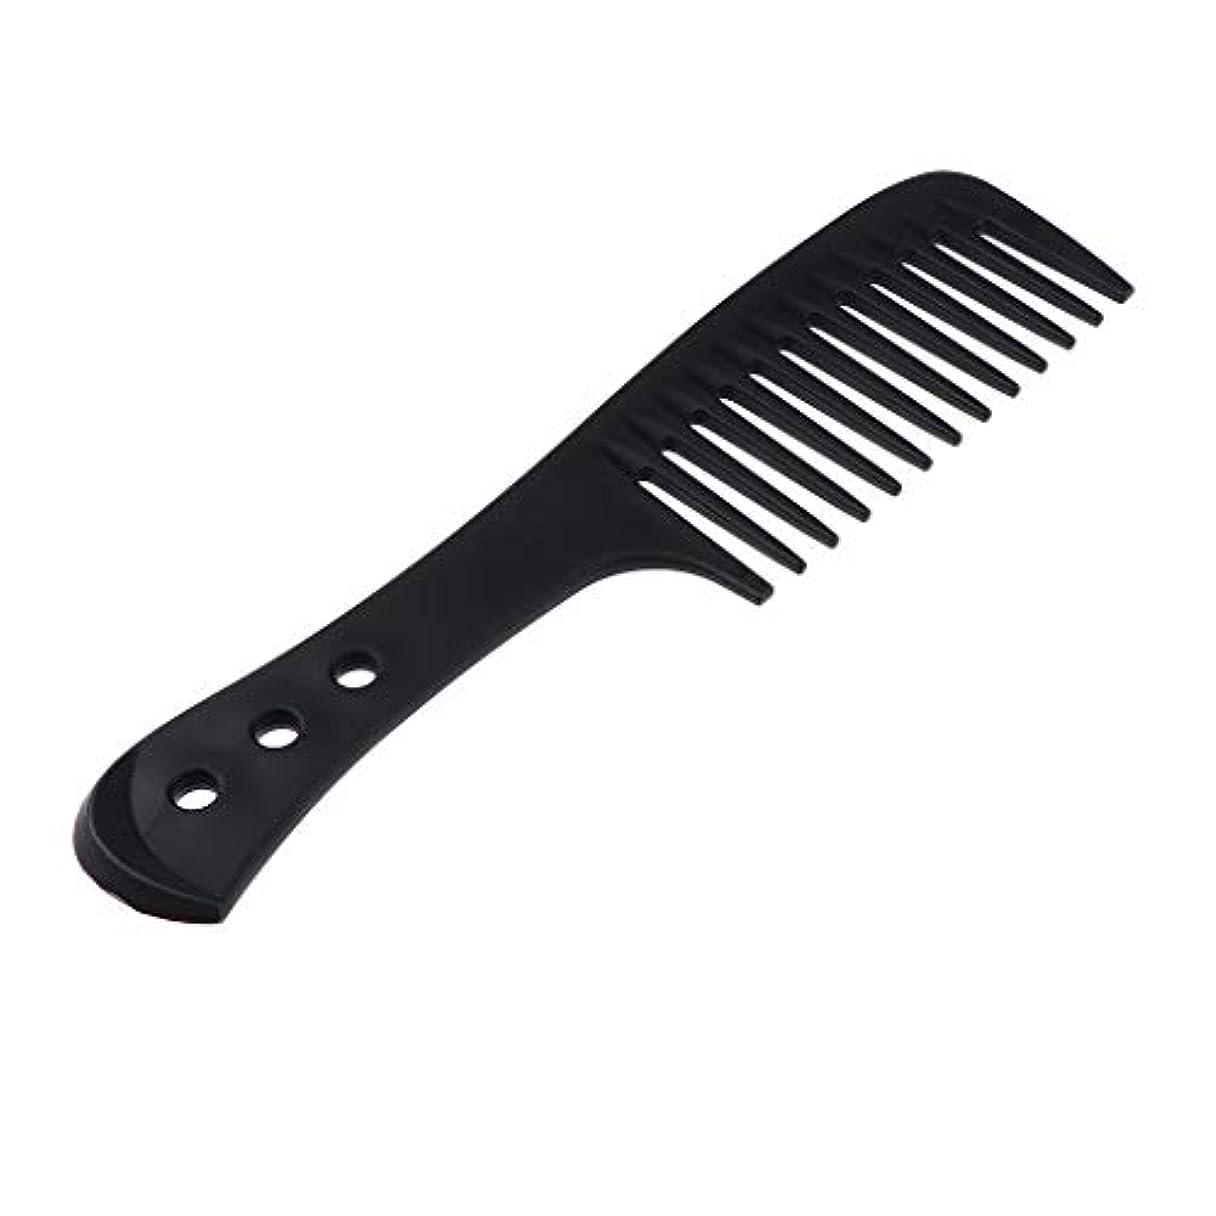 マウンド縫う雄大なヘアコーム ヘアブラシ ワイド歯ブラシ 櫛 帯電防止 プラスチック製 4色選べ - ブラック